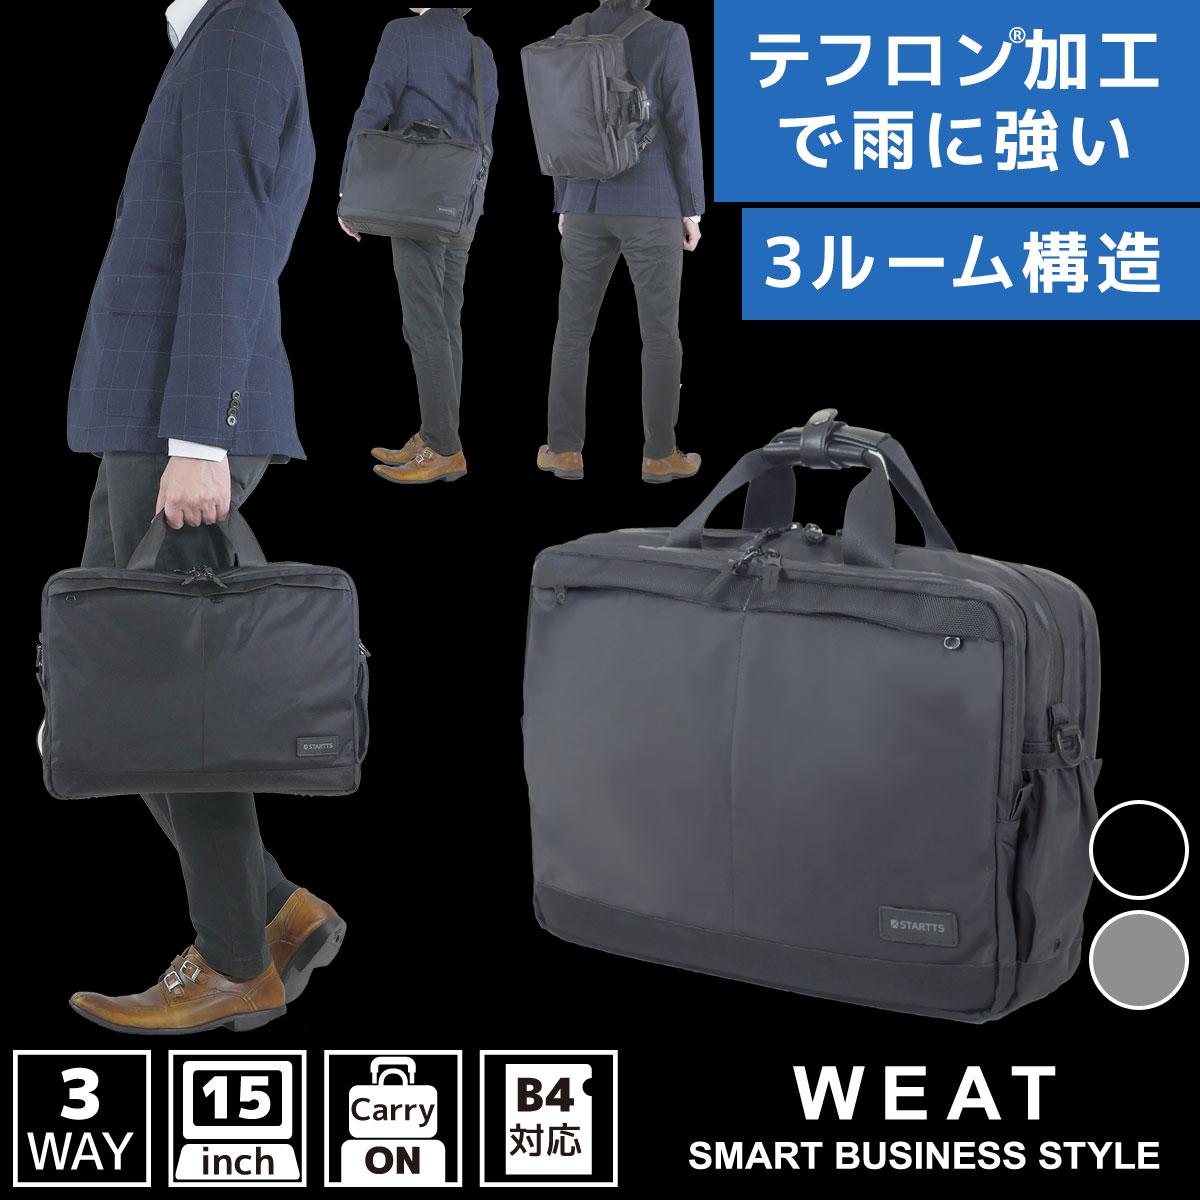 3WAY ビジネスバッグ ビジカジ止水3WAY横キャリーオン スーツケースにセット WEAT WE-20 ビジネスリュック ブリーフケース